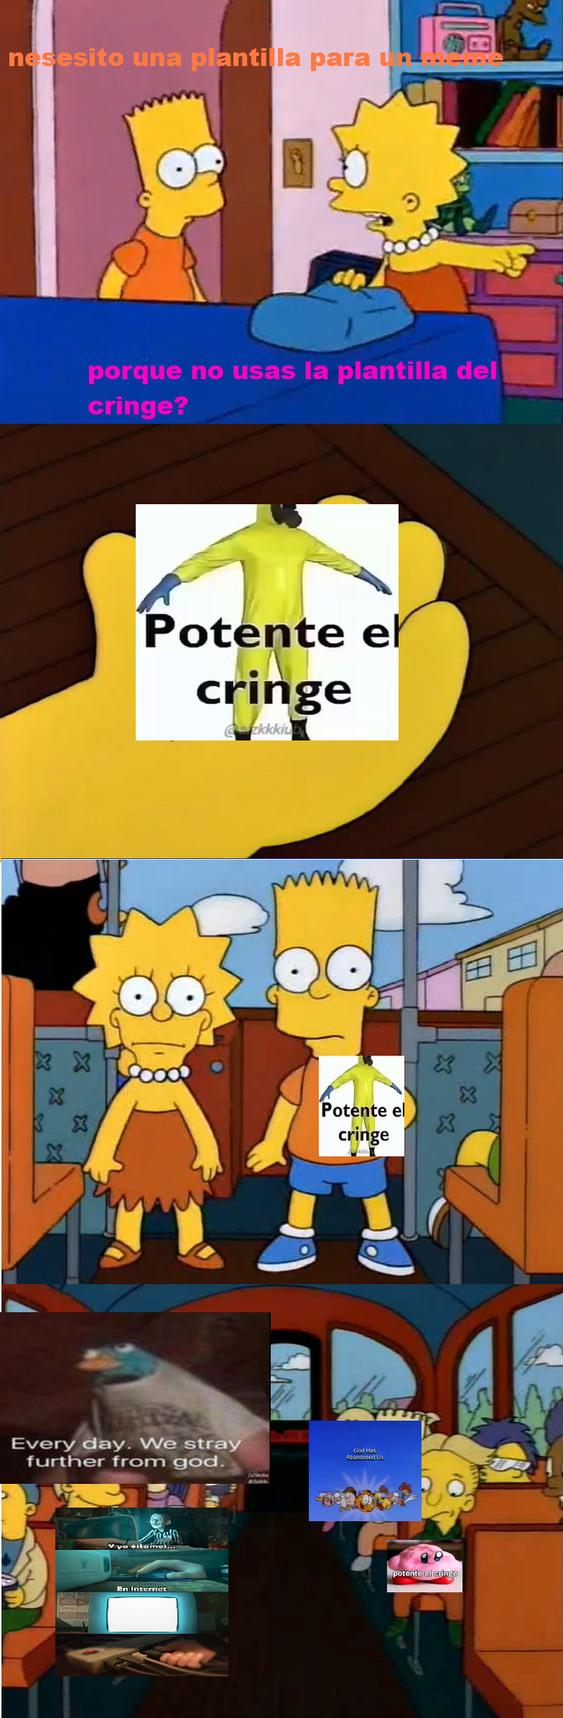 potente el cringe V23.4423 - meme